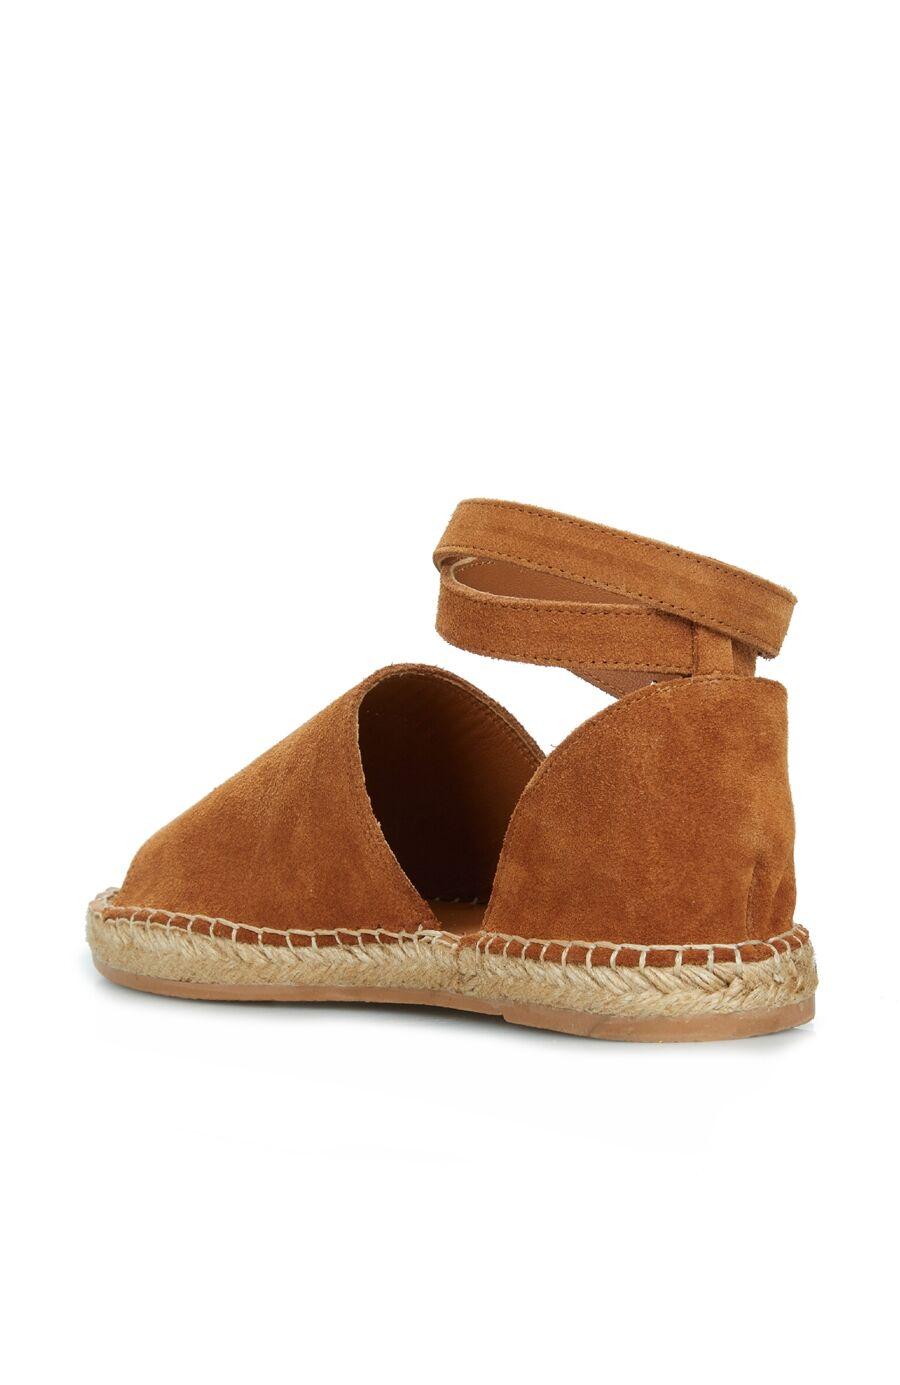 Kadın Taba Hasır Tabanlı Sandalet